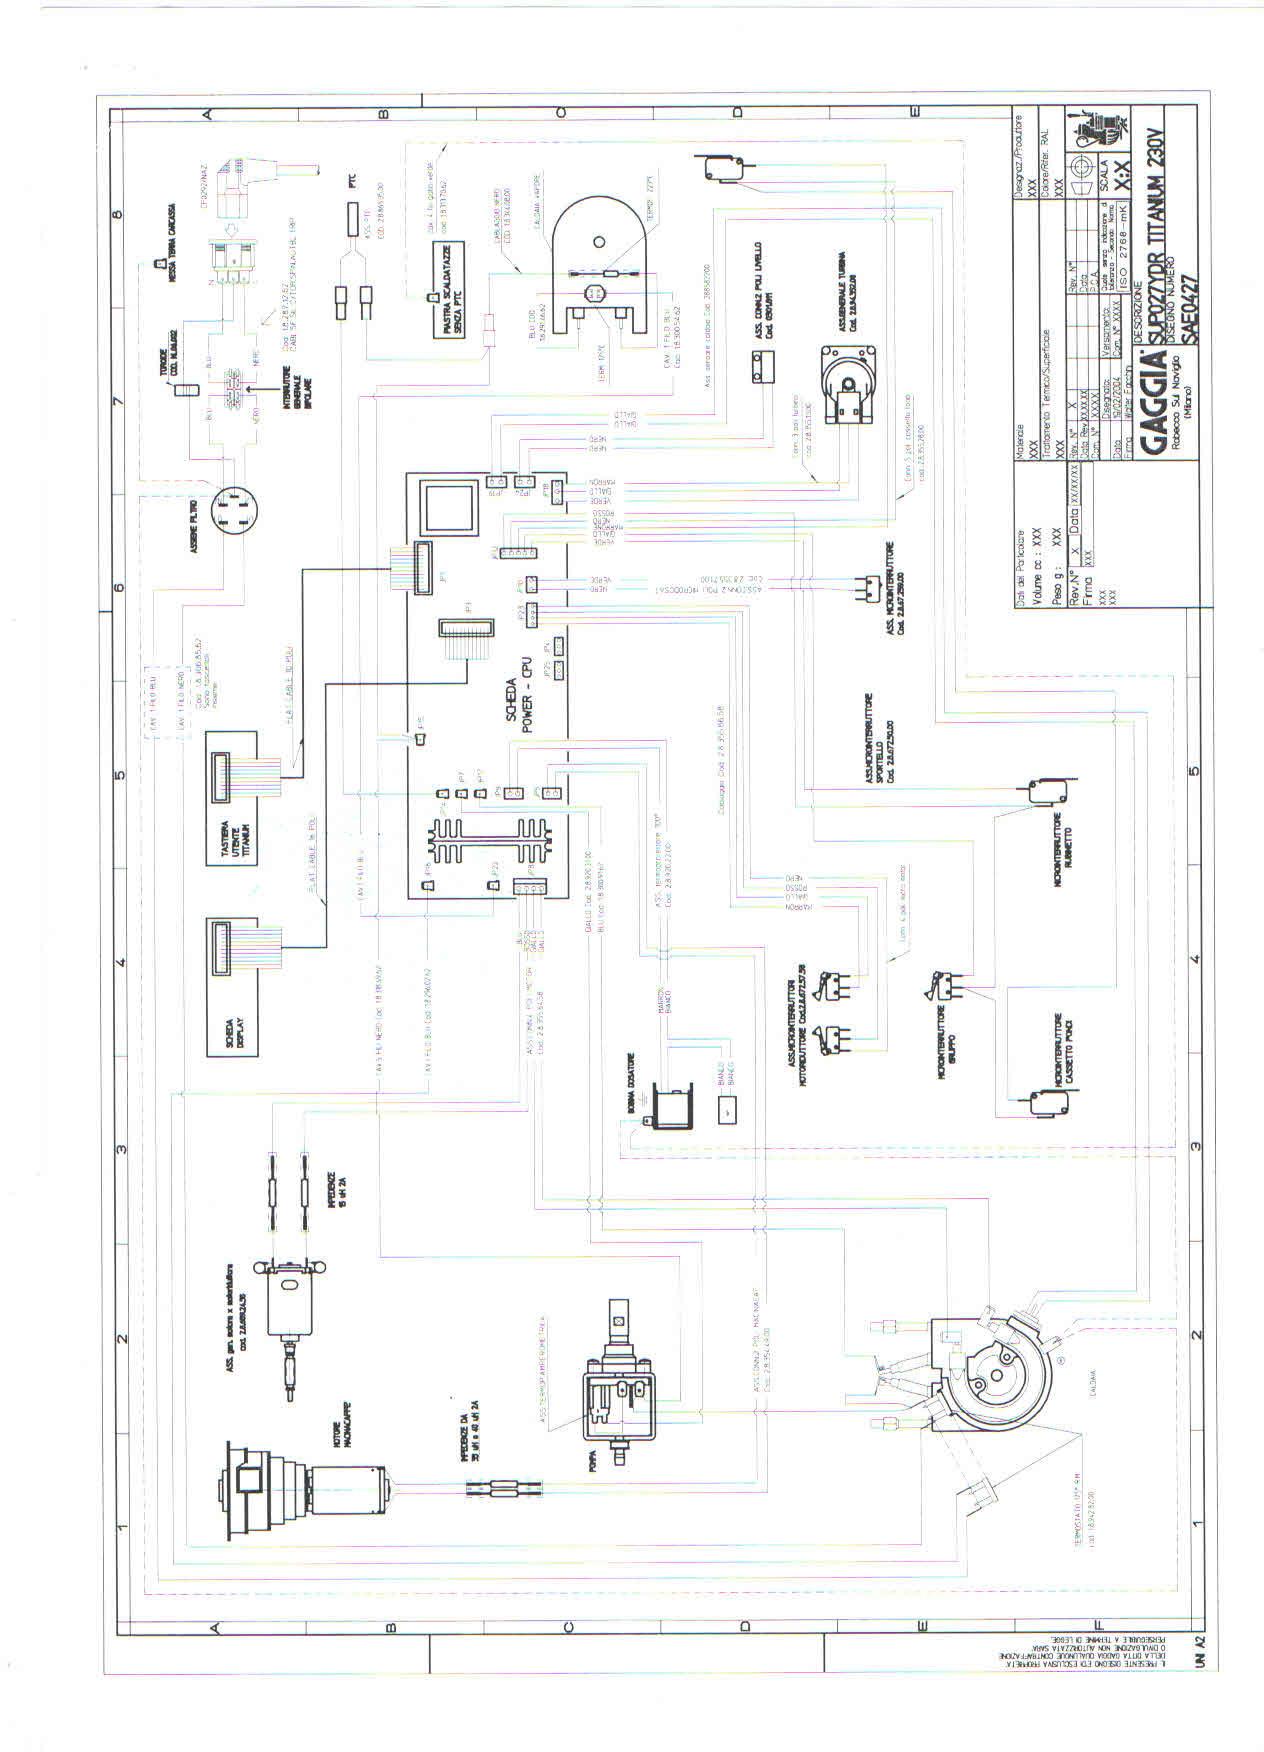 Электрическая схема кофемашины бош tca 5201